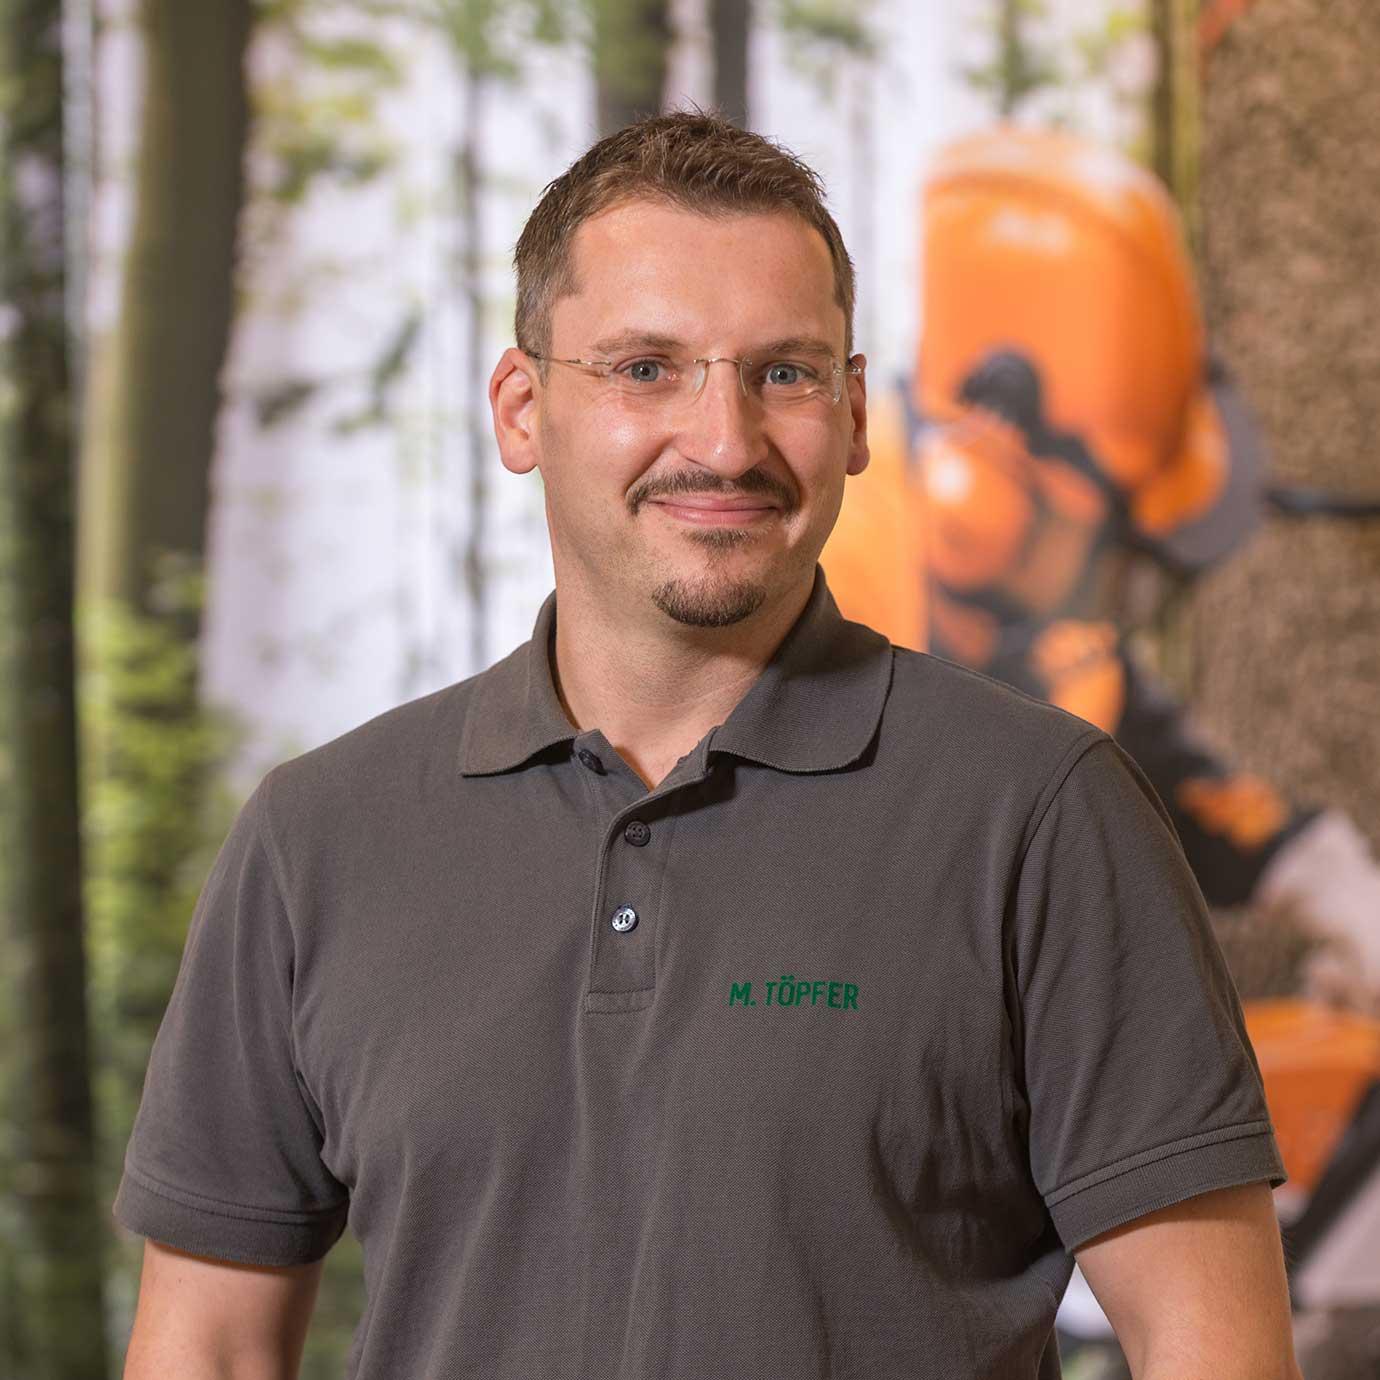 Mitarbeiter Töpfer der Forst- und Gartenmarkt Uder GmbH